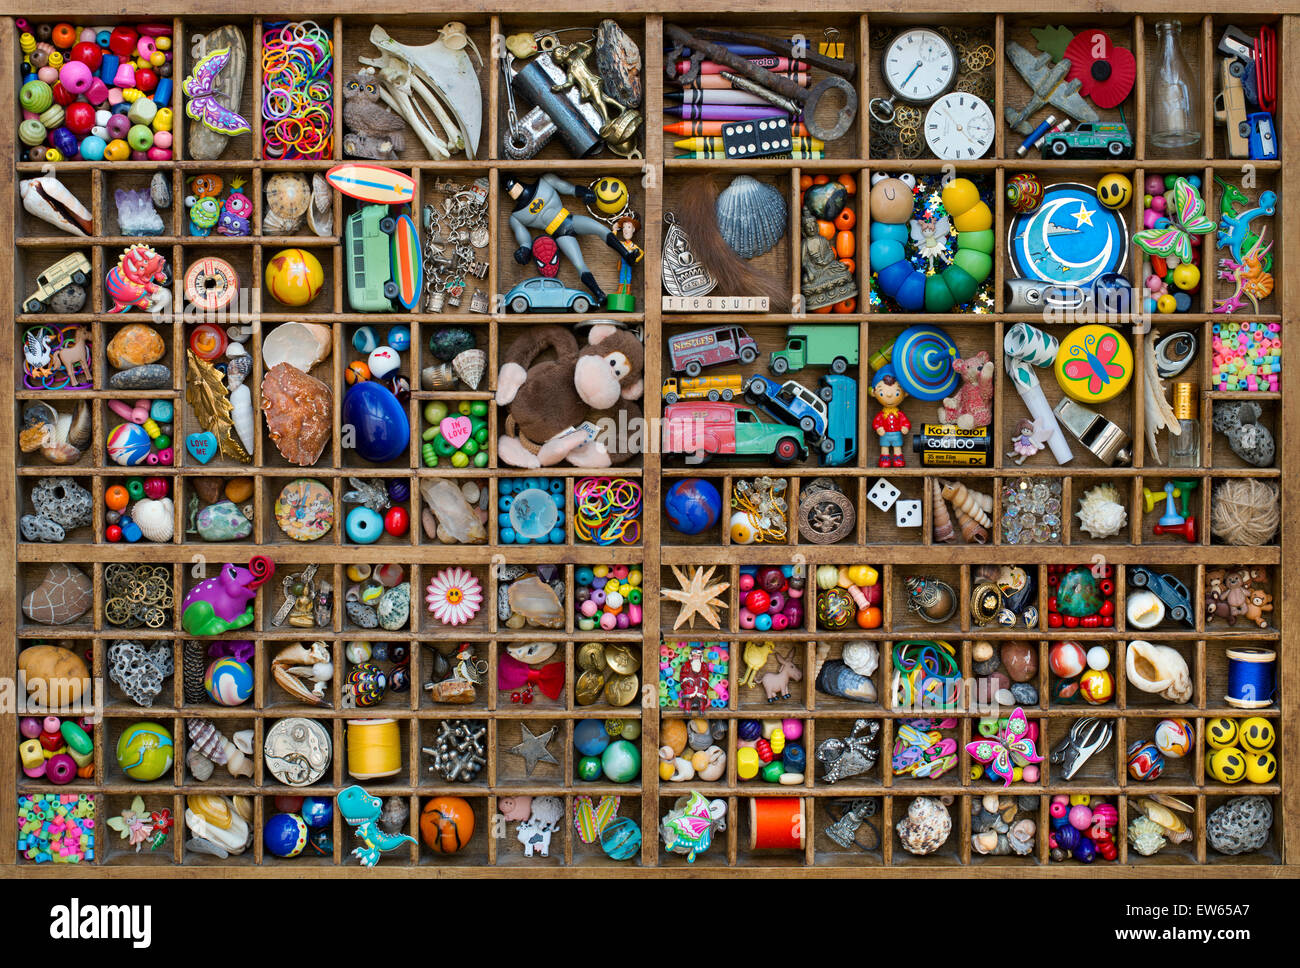 Vassoio in legno di giocattoli per bambini e di un vero e proprio scrigno di piccoli oggetti da collezione Foto Stock